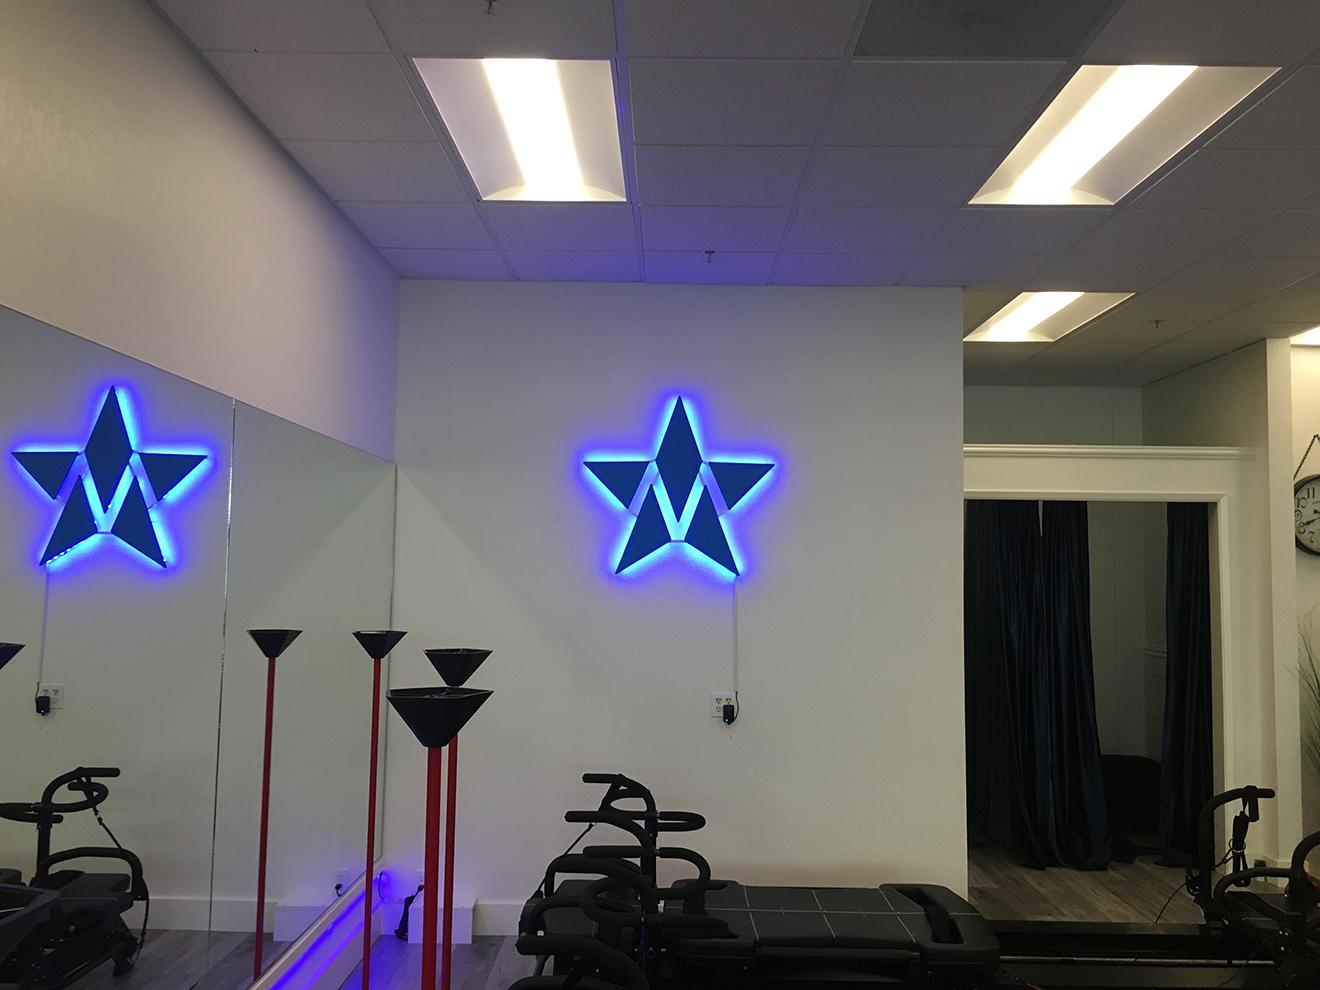 Illuminated Lobby Sign